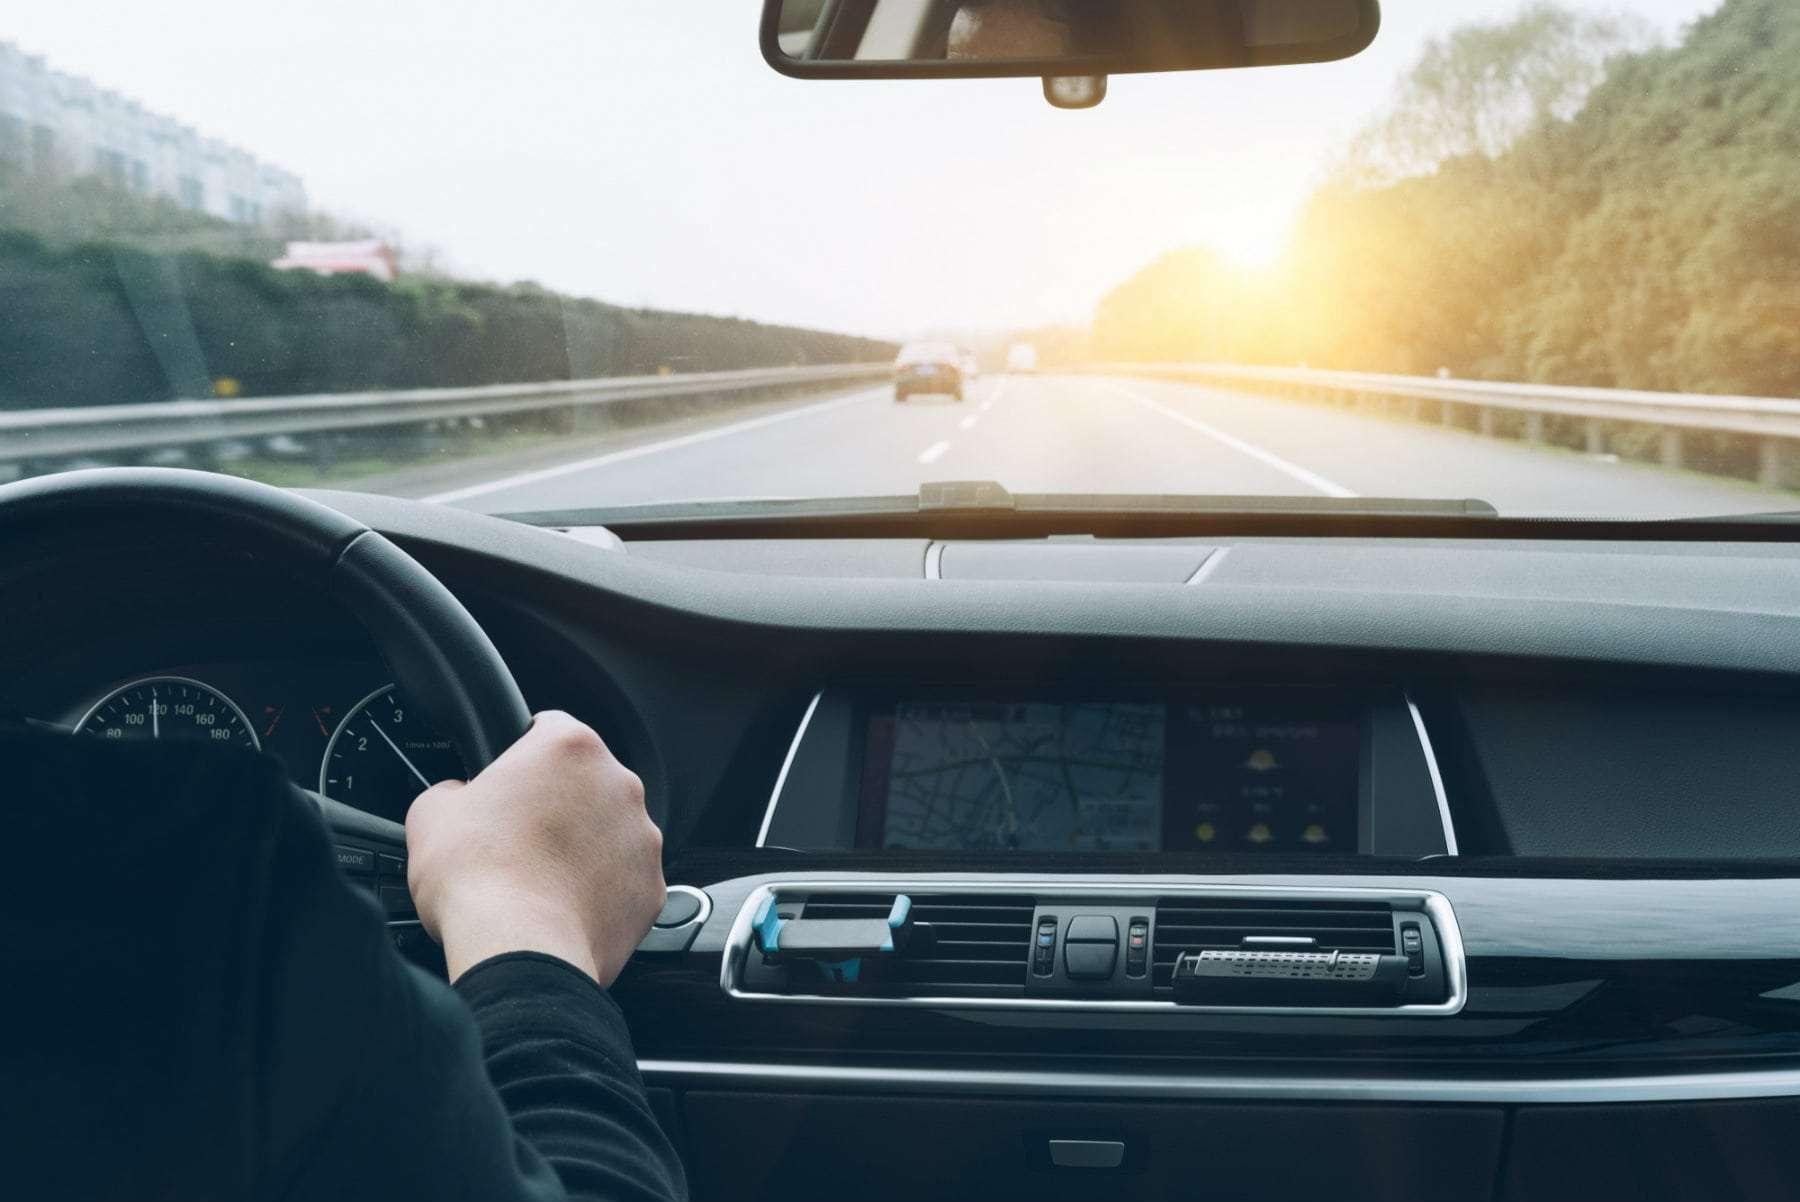 ¿Qué normas debemos tener en cuenta al conducir en el extranjero?